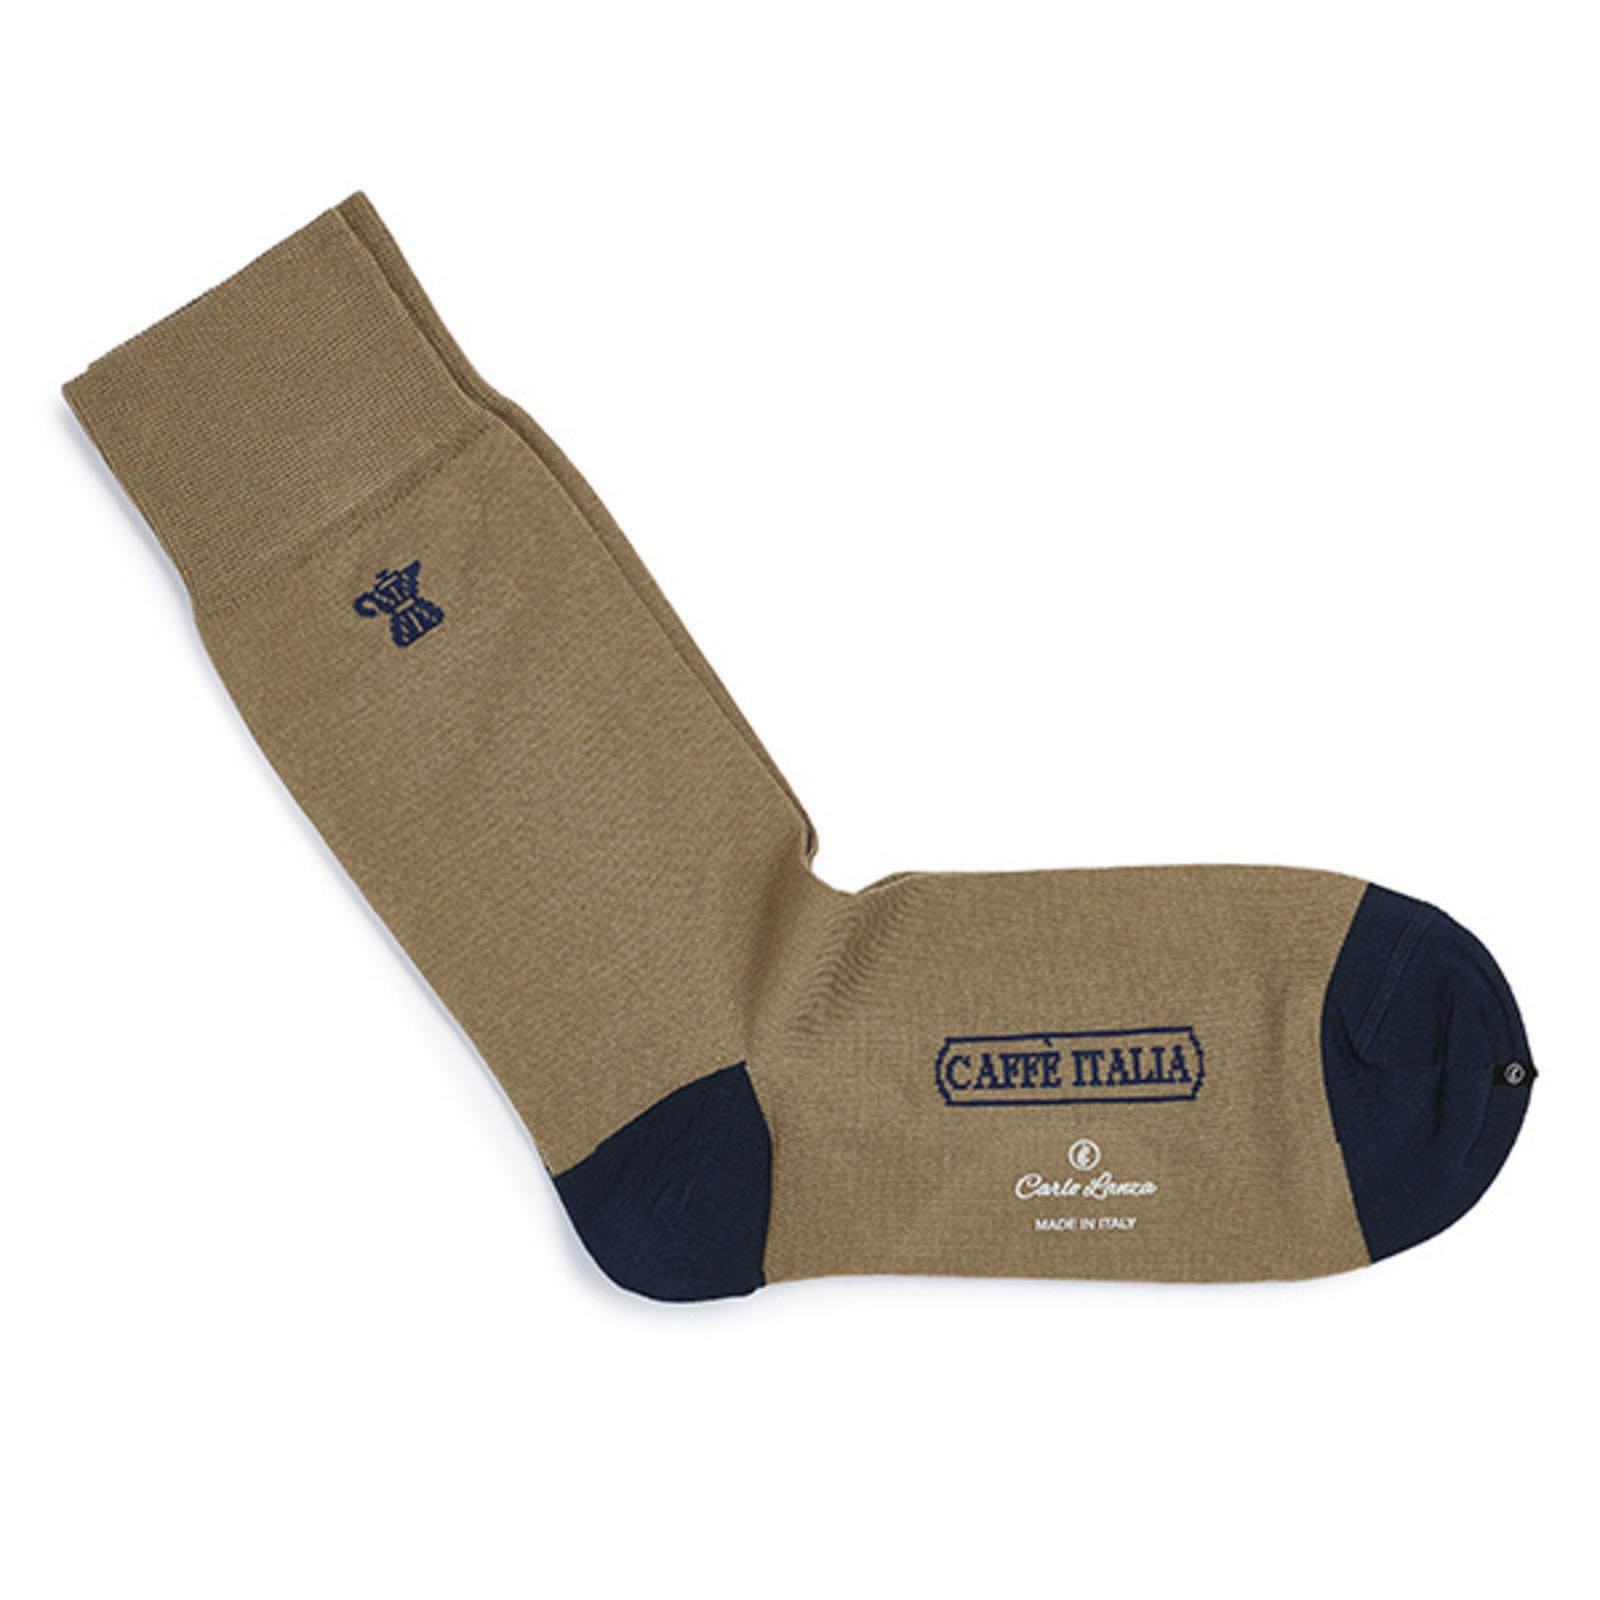 Carlo Lanza Darkbrown Italian coffee socks